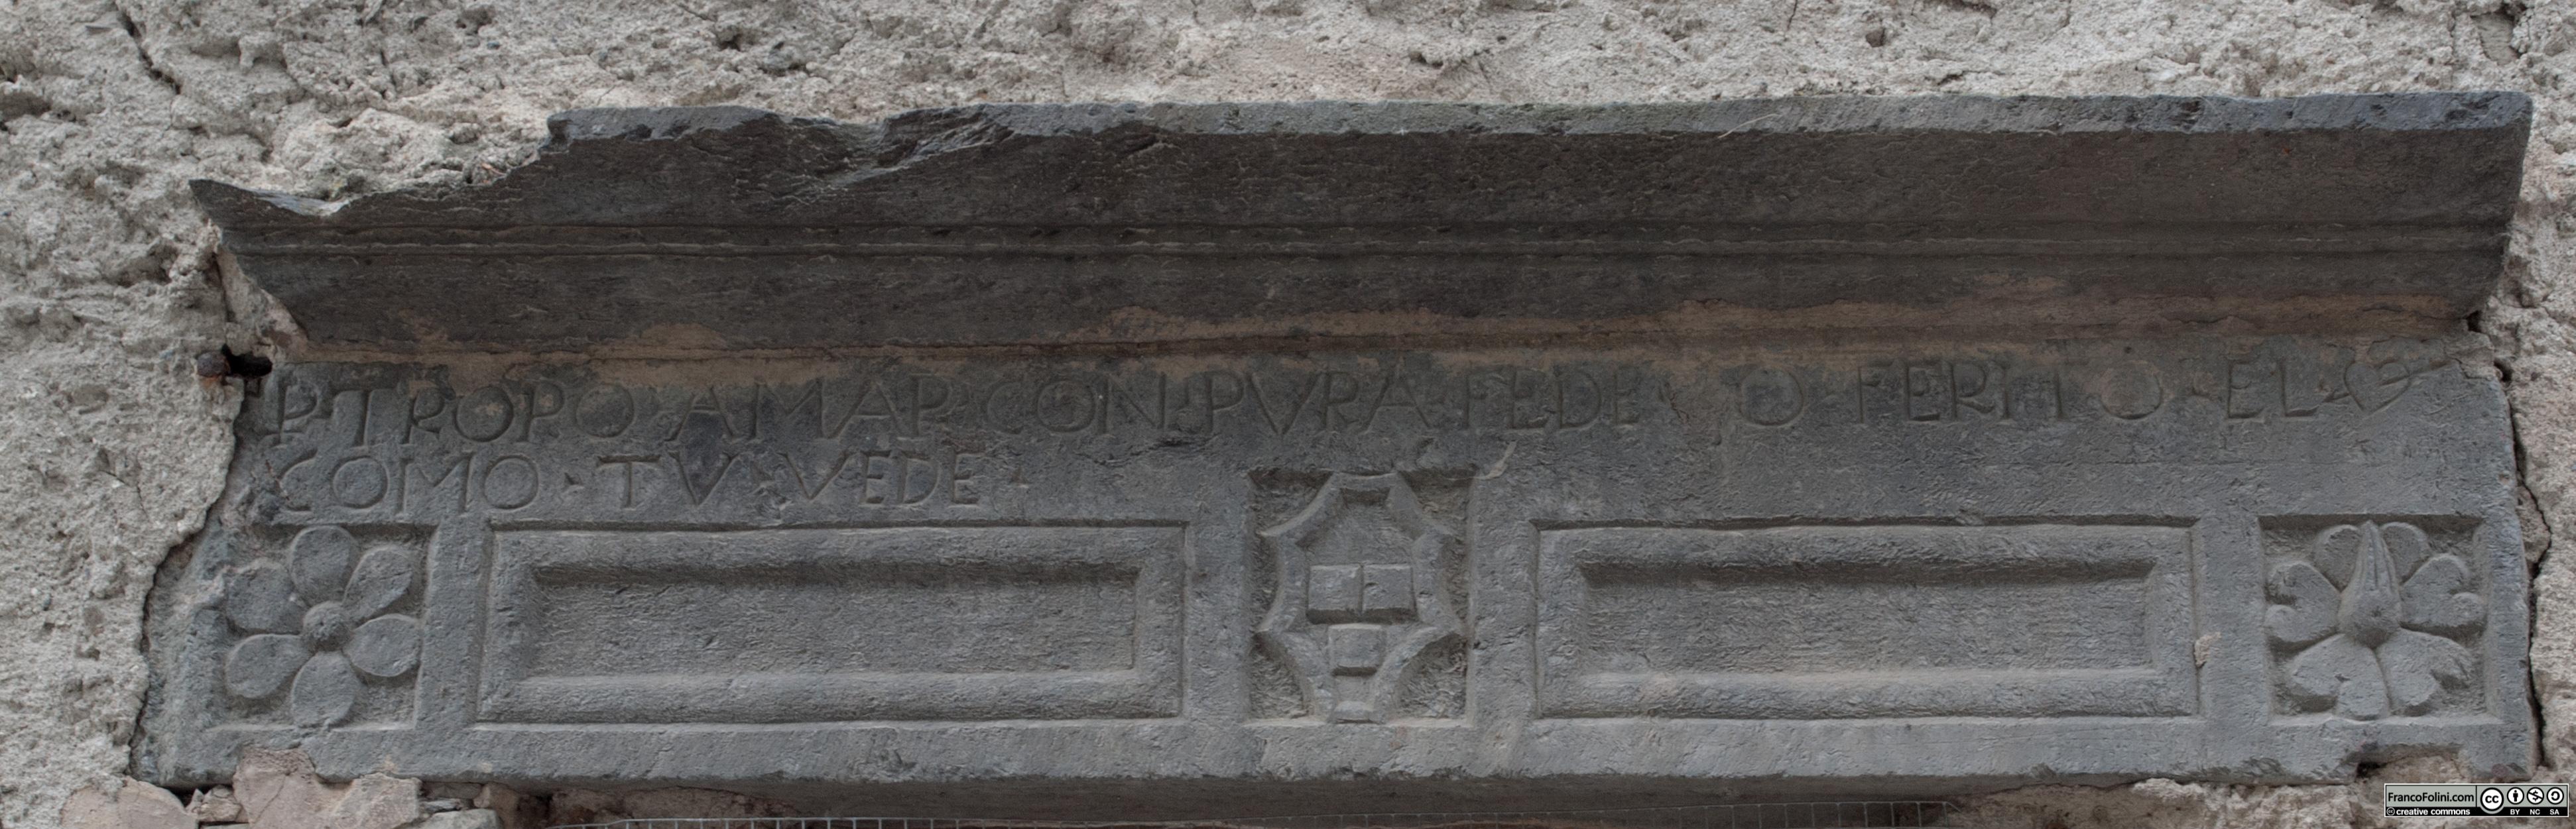 """Angoli nascosti di Chiuro: iscrizione d'amore rinascimentale con stemma della famiglia quadrio. L'iscrizione recita """"Per tropo amar con pura fede, o ferito el core, come tu vede""""."""